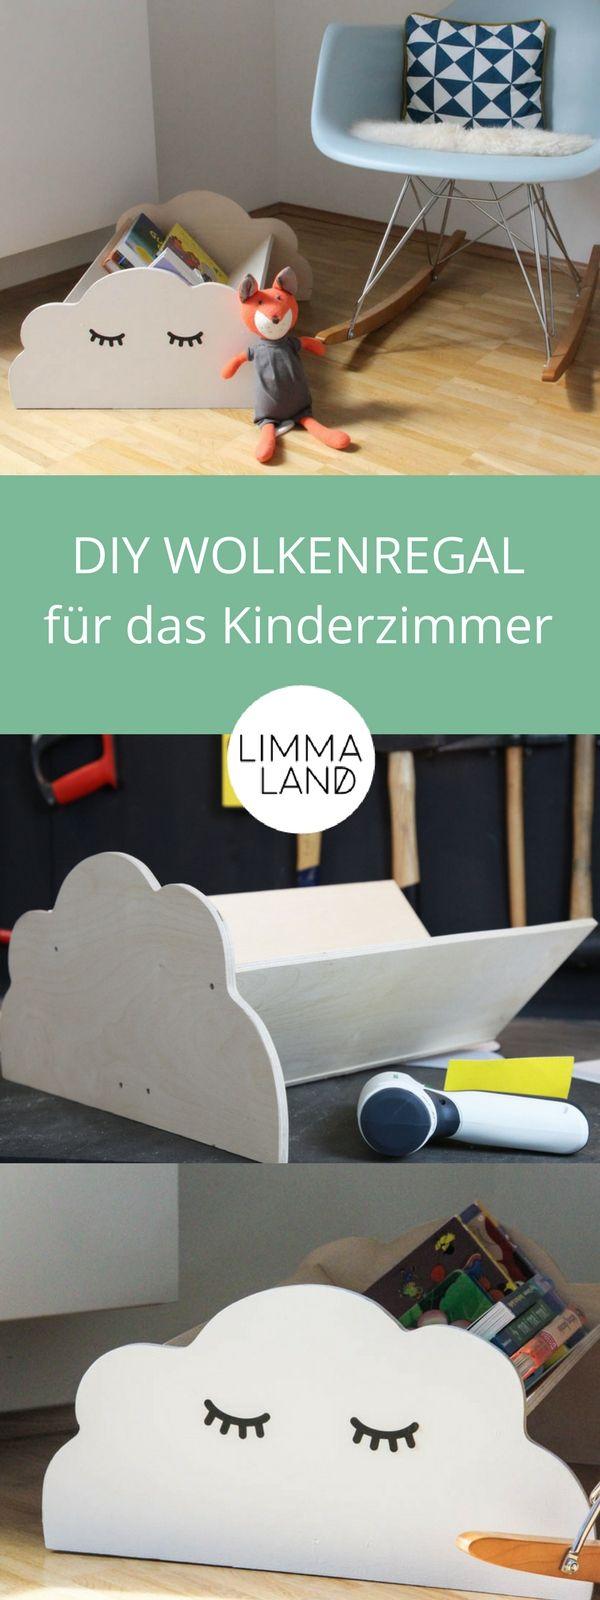 Wolkenregal Kinderzimmer – ideal für Kinderbücher!